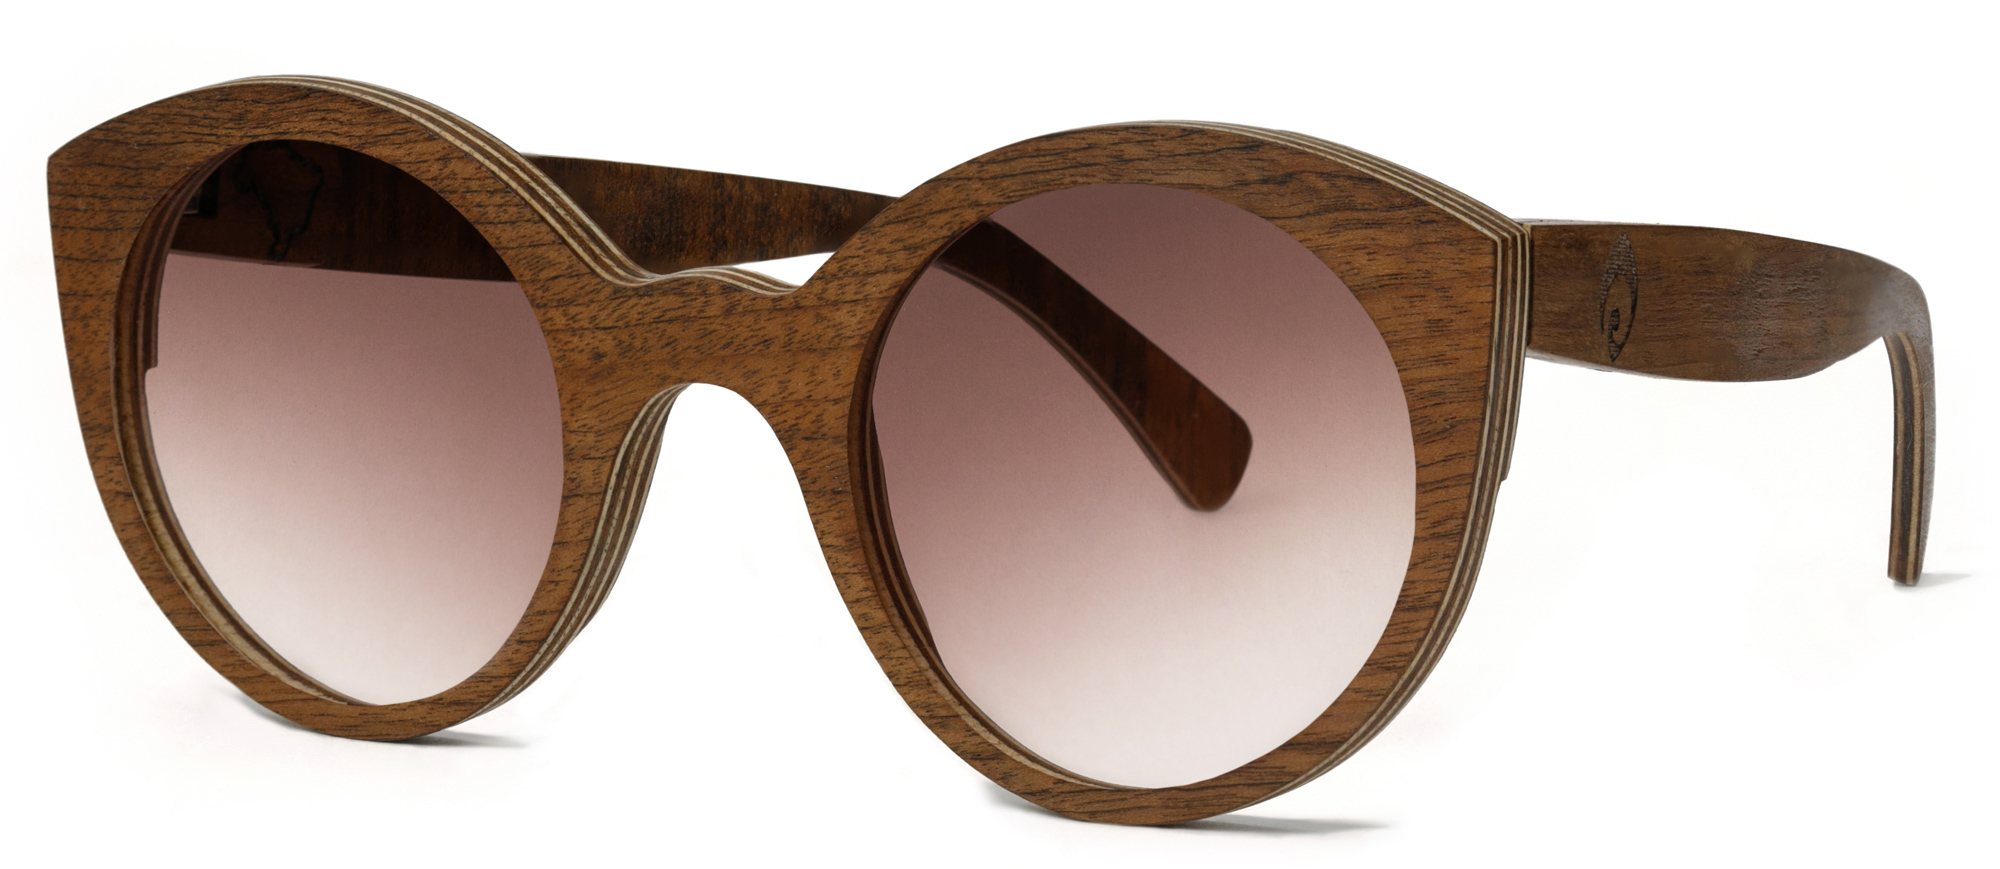 Foto de Produto - Óculos de Madeira